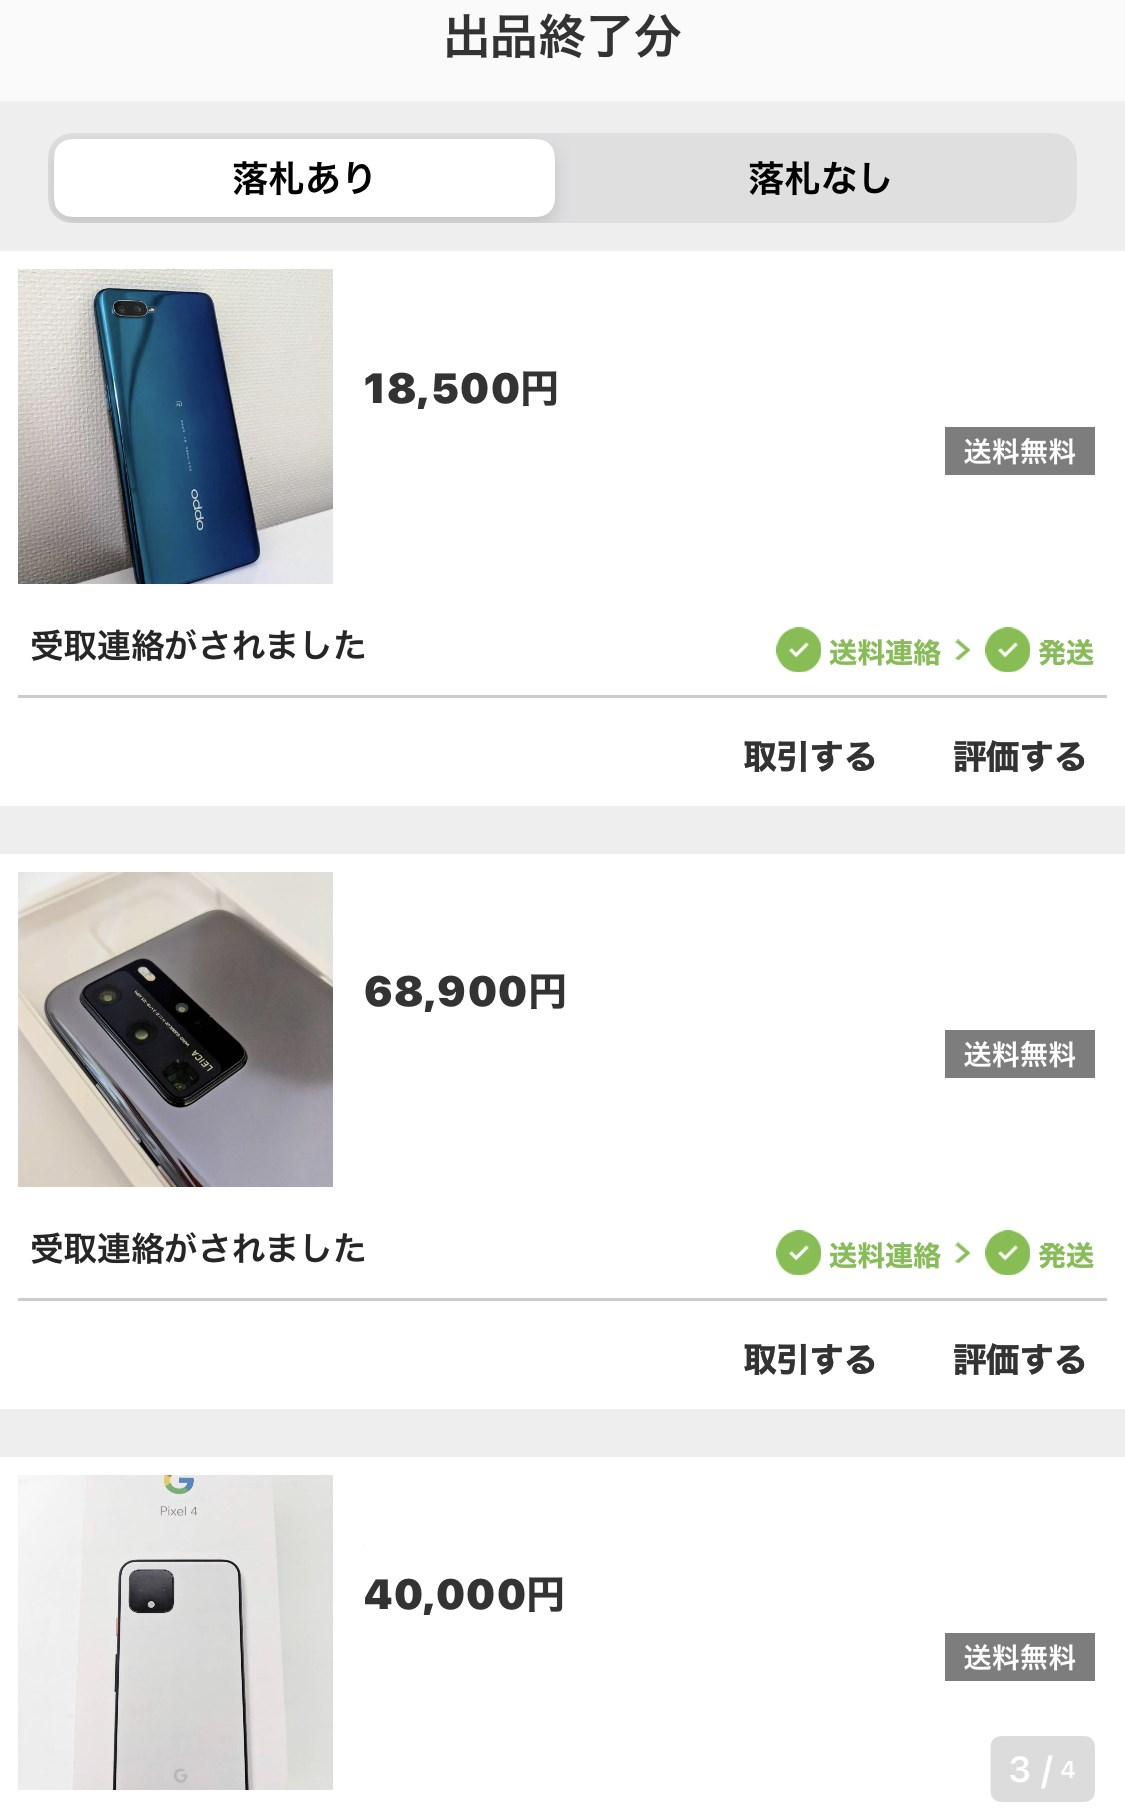 スマートフォンをオークションで売っている画像